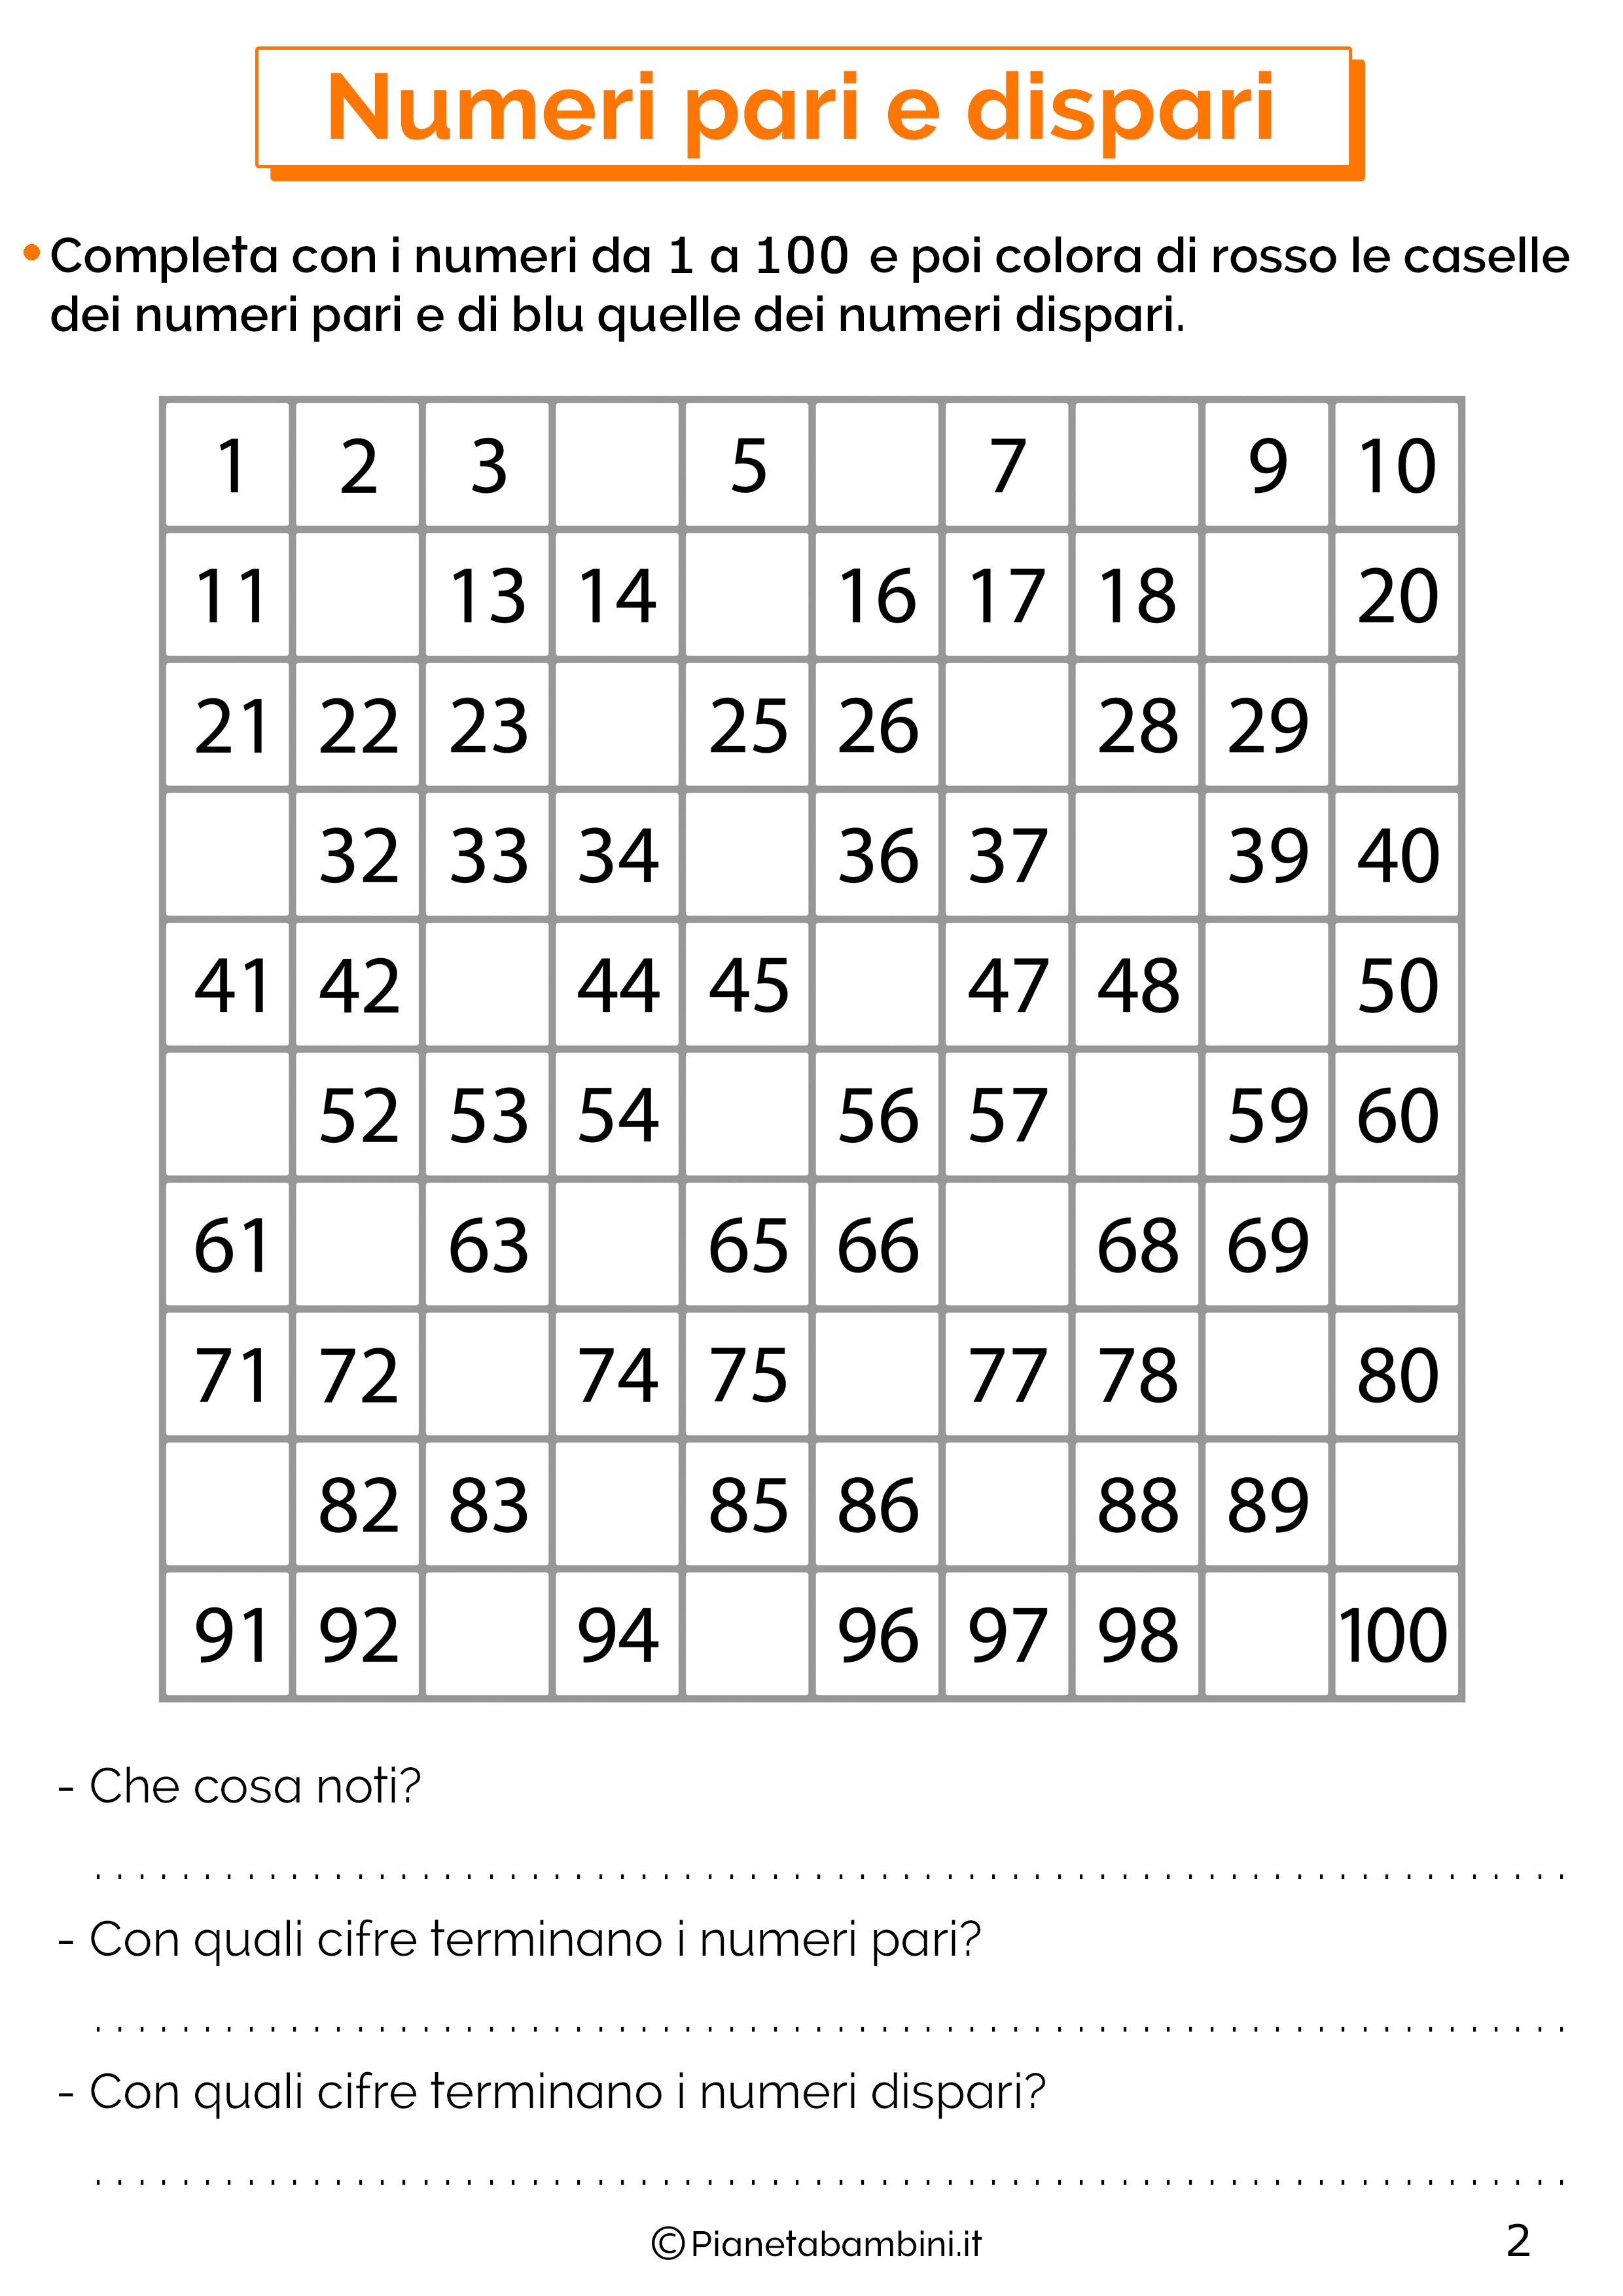 Scheda didattica sui numeri pari e dispari 2